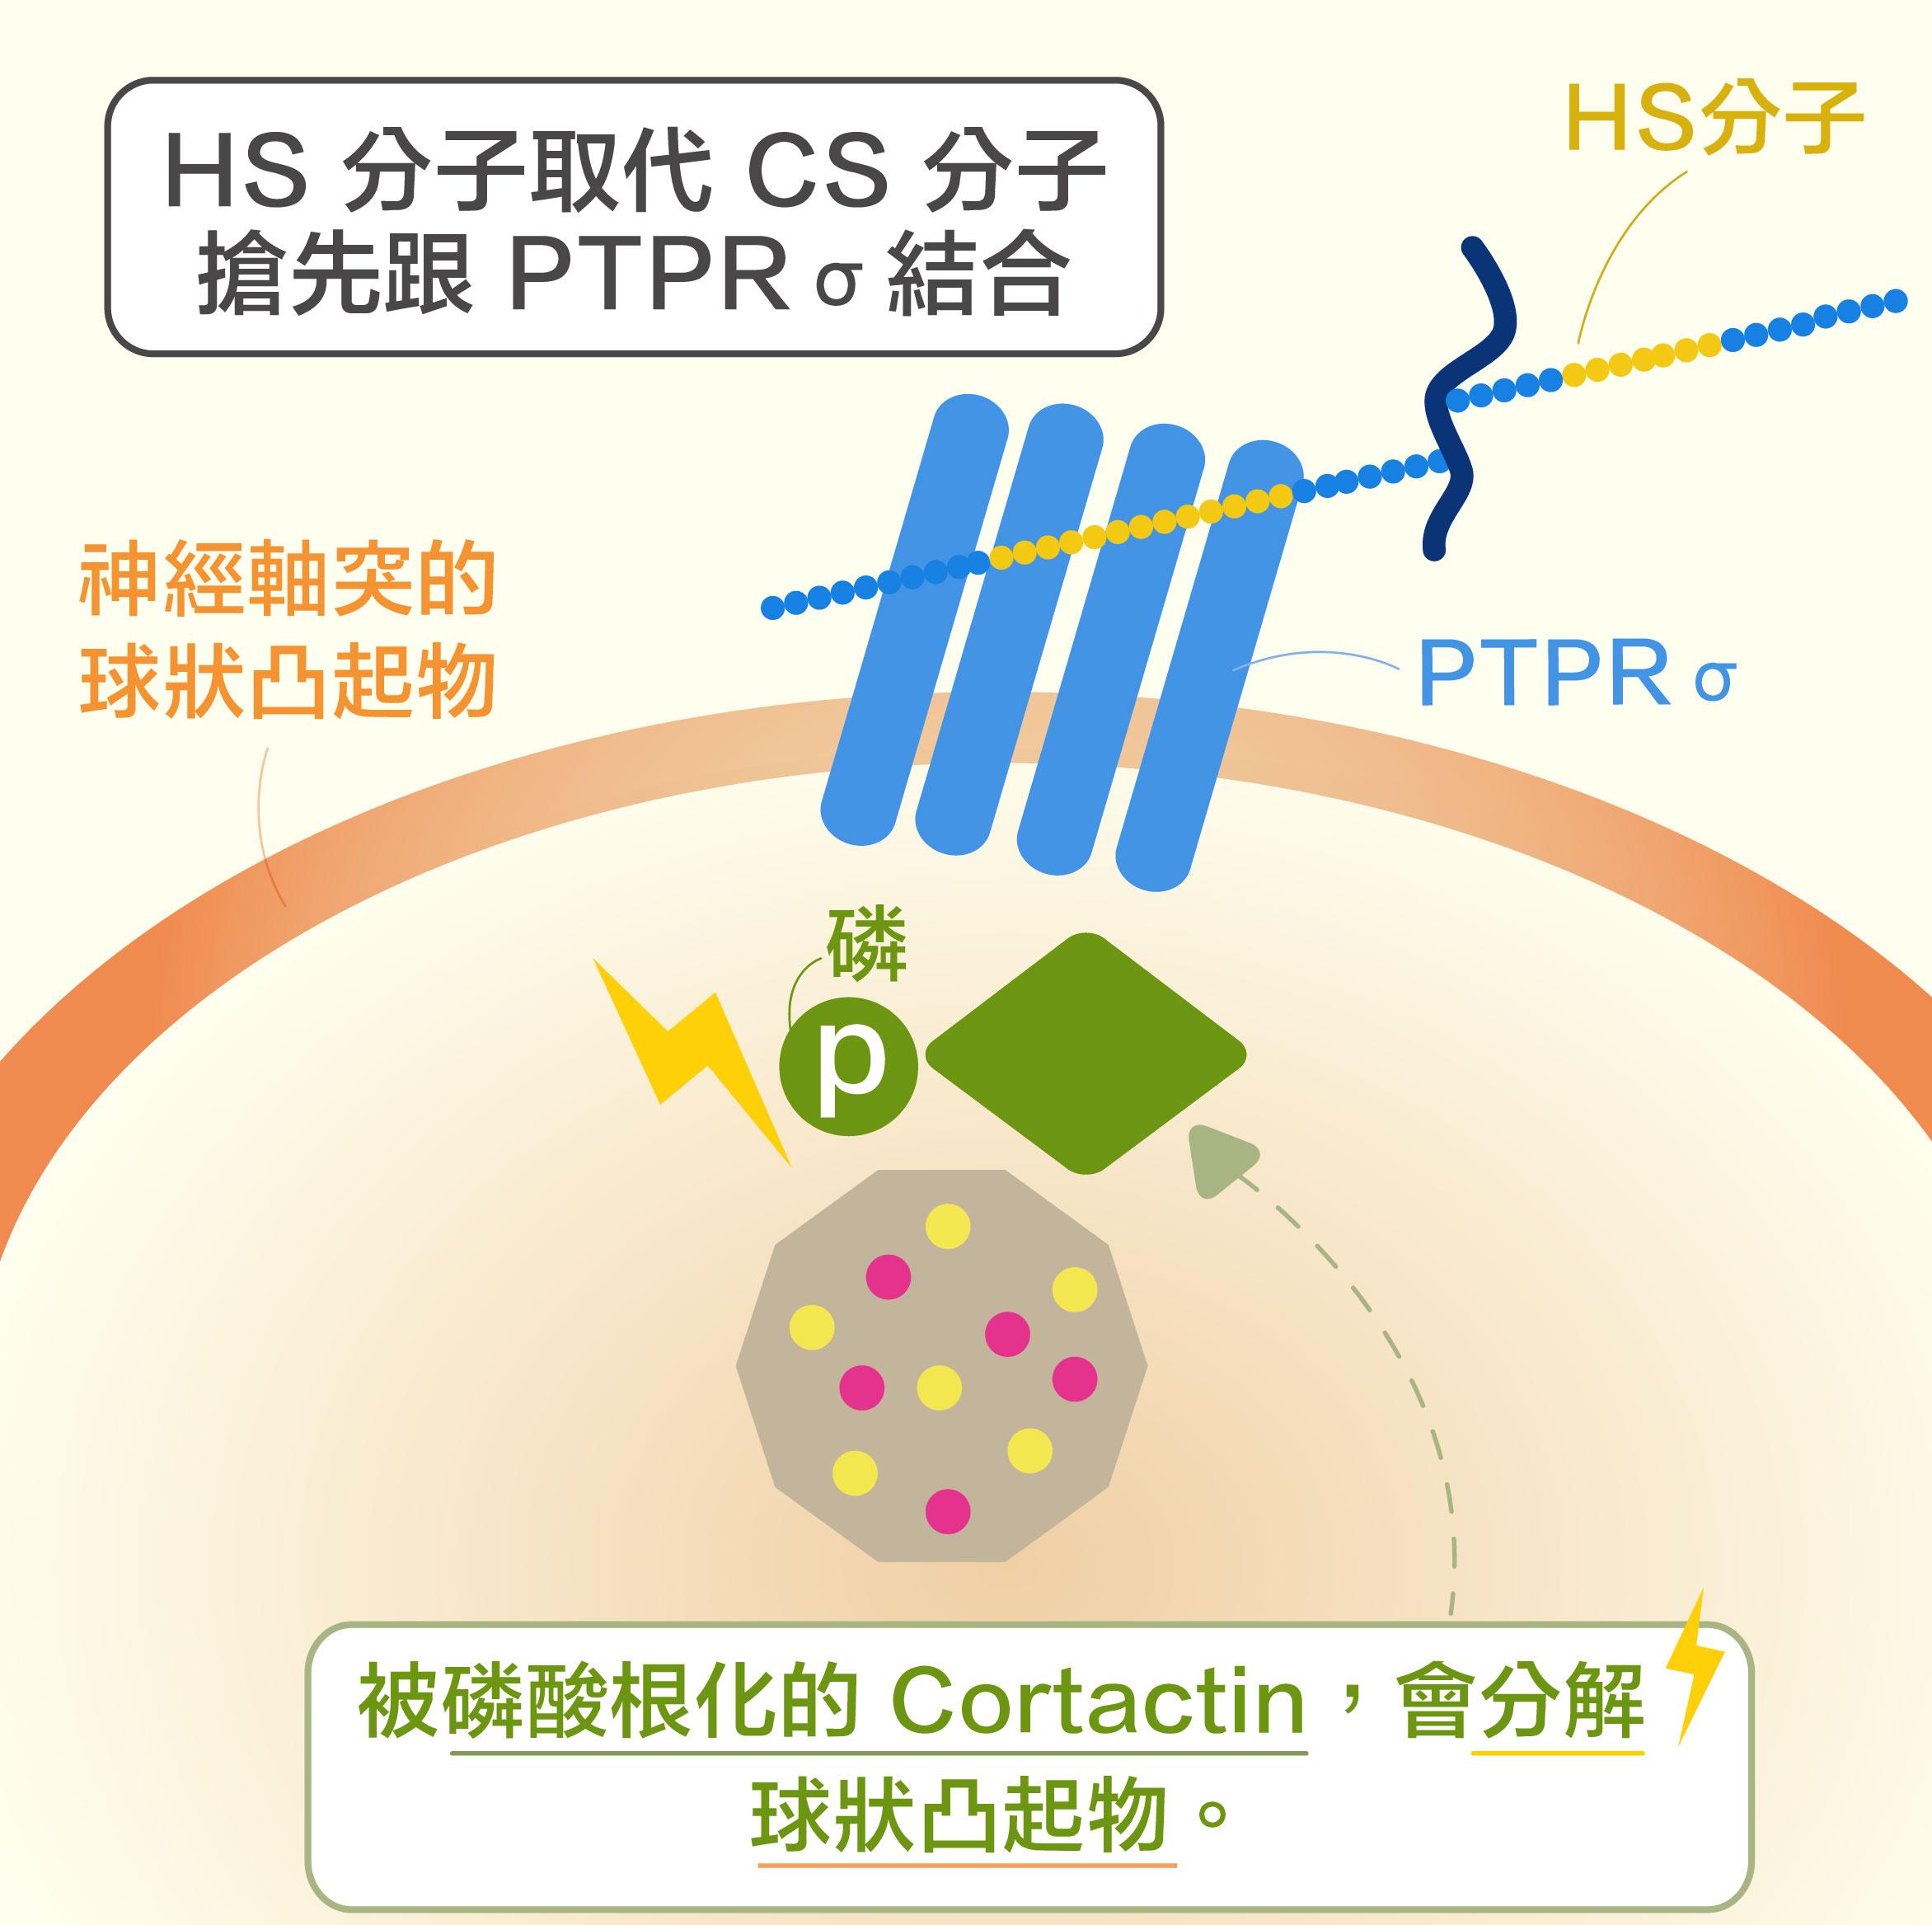 HS分子取代CS分子,搶先與PTPRσ 結合, 讓Cortactin 又可被磷酸根化, 讓神經軸突順利再生。圖│研之有物 (資料來源│洪上程)